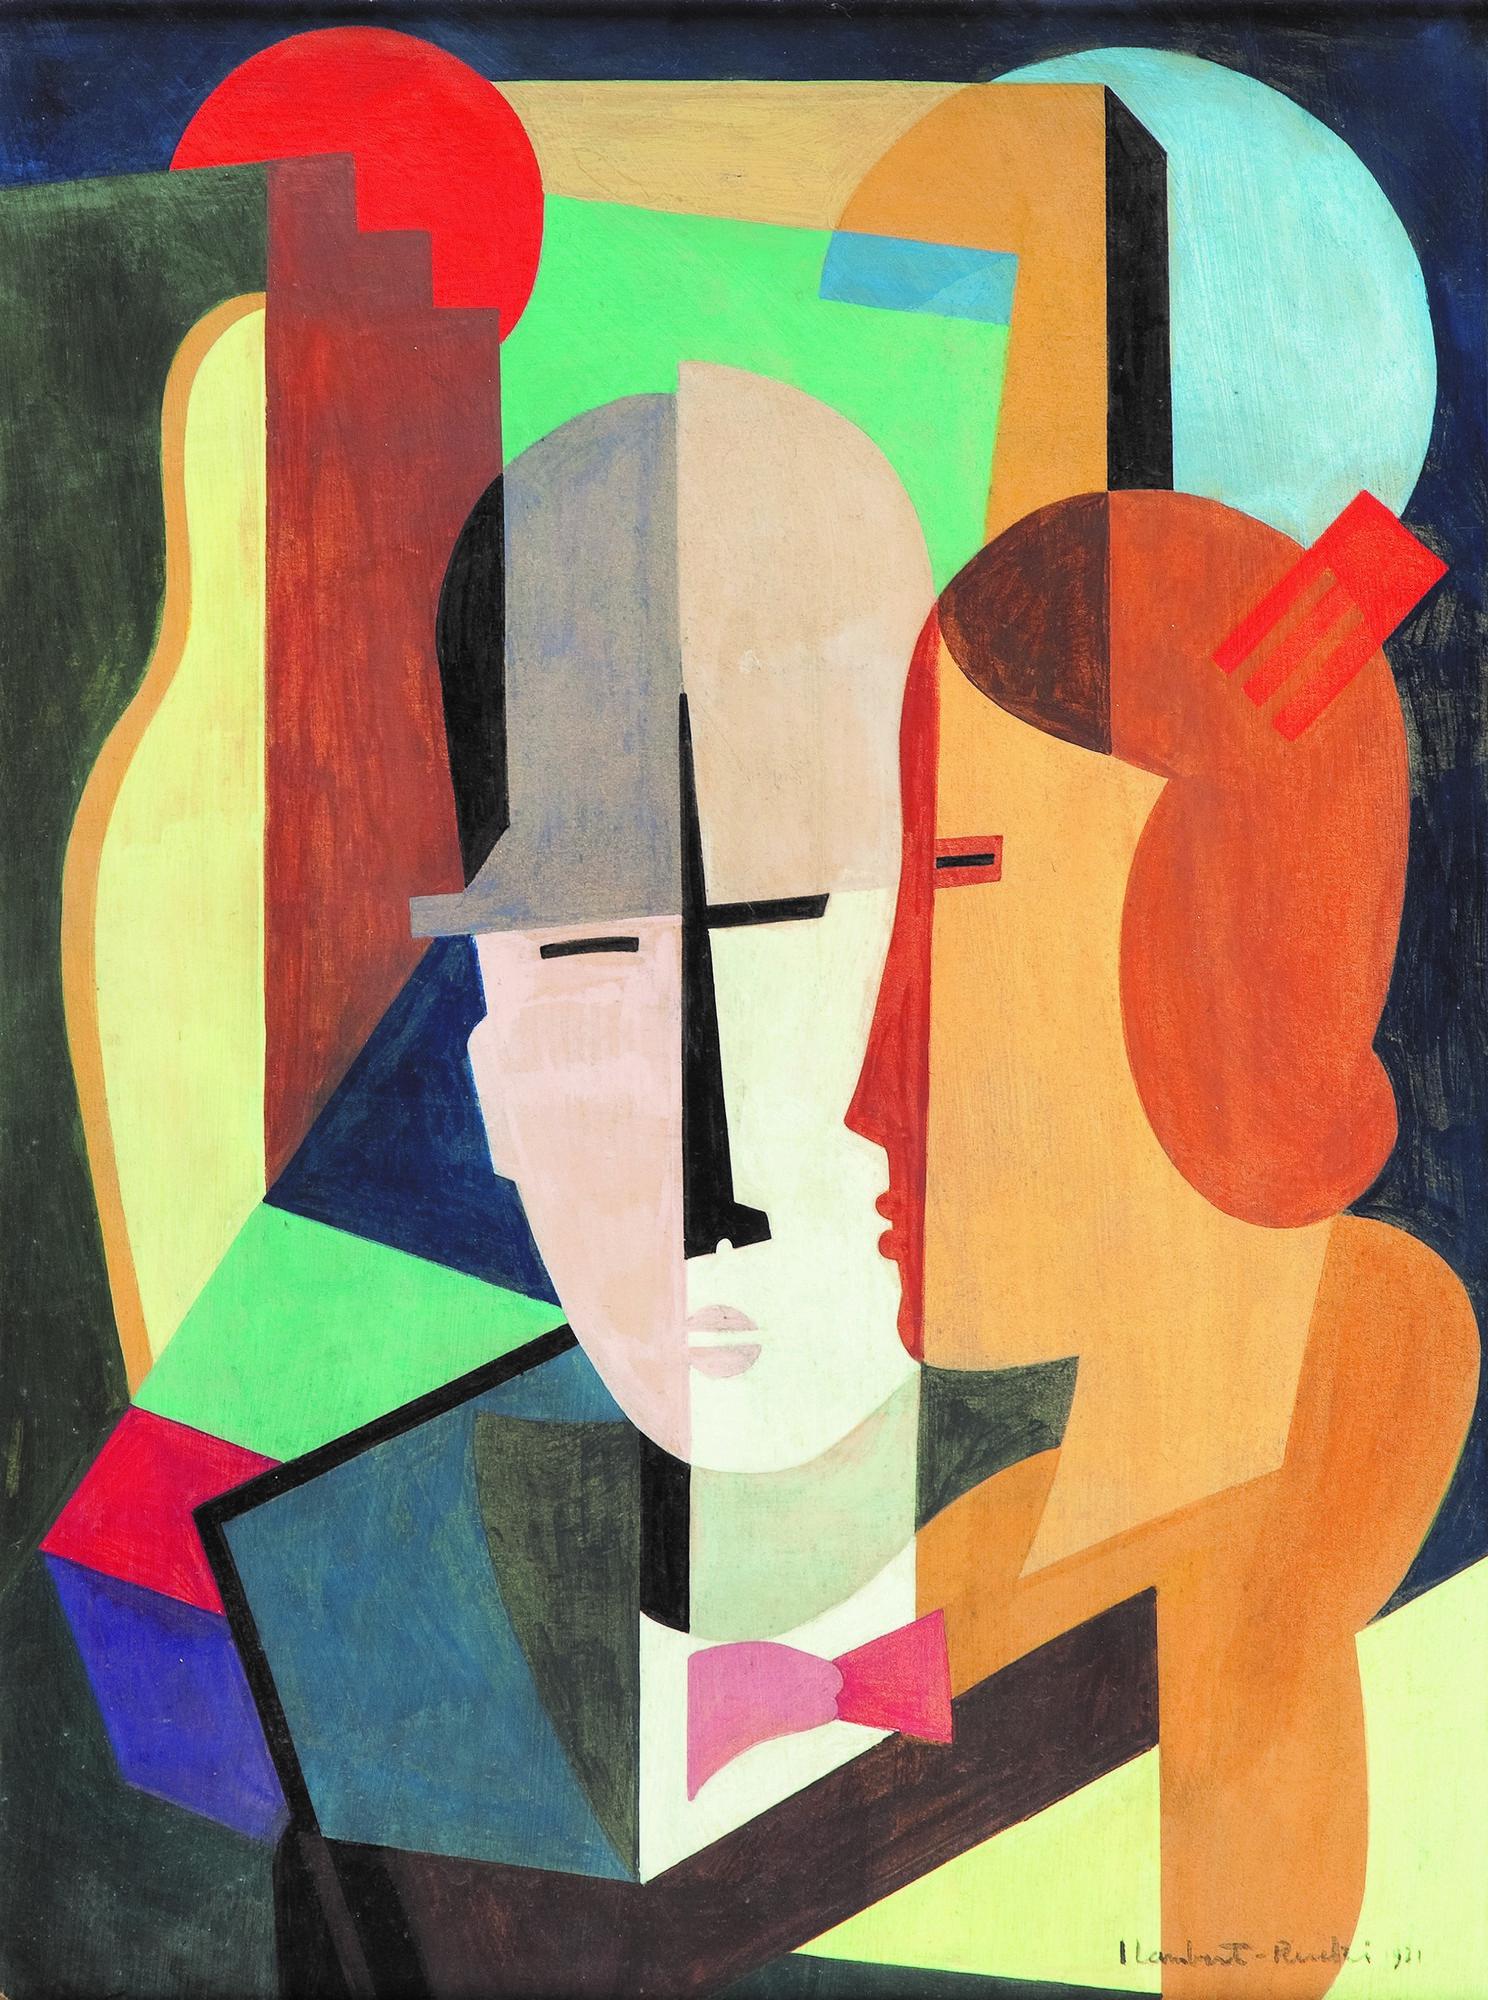 """Jean Lambert-Rucki, """"Para"""", 1931, 48 x 36 cm, olej na płycie, fot. dzięki uprzejmości Villi la Fleur (źródło: materiały prasowe organizatora)"""